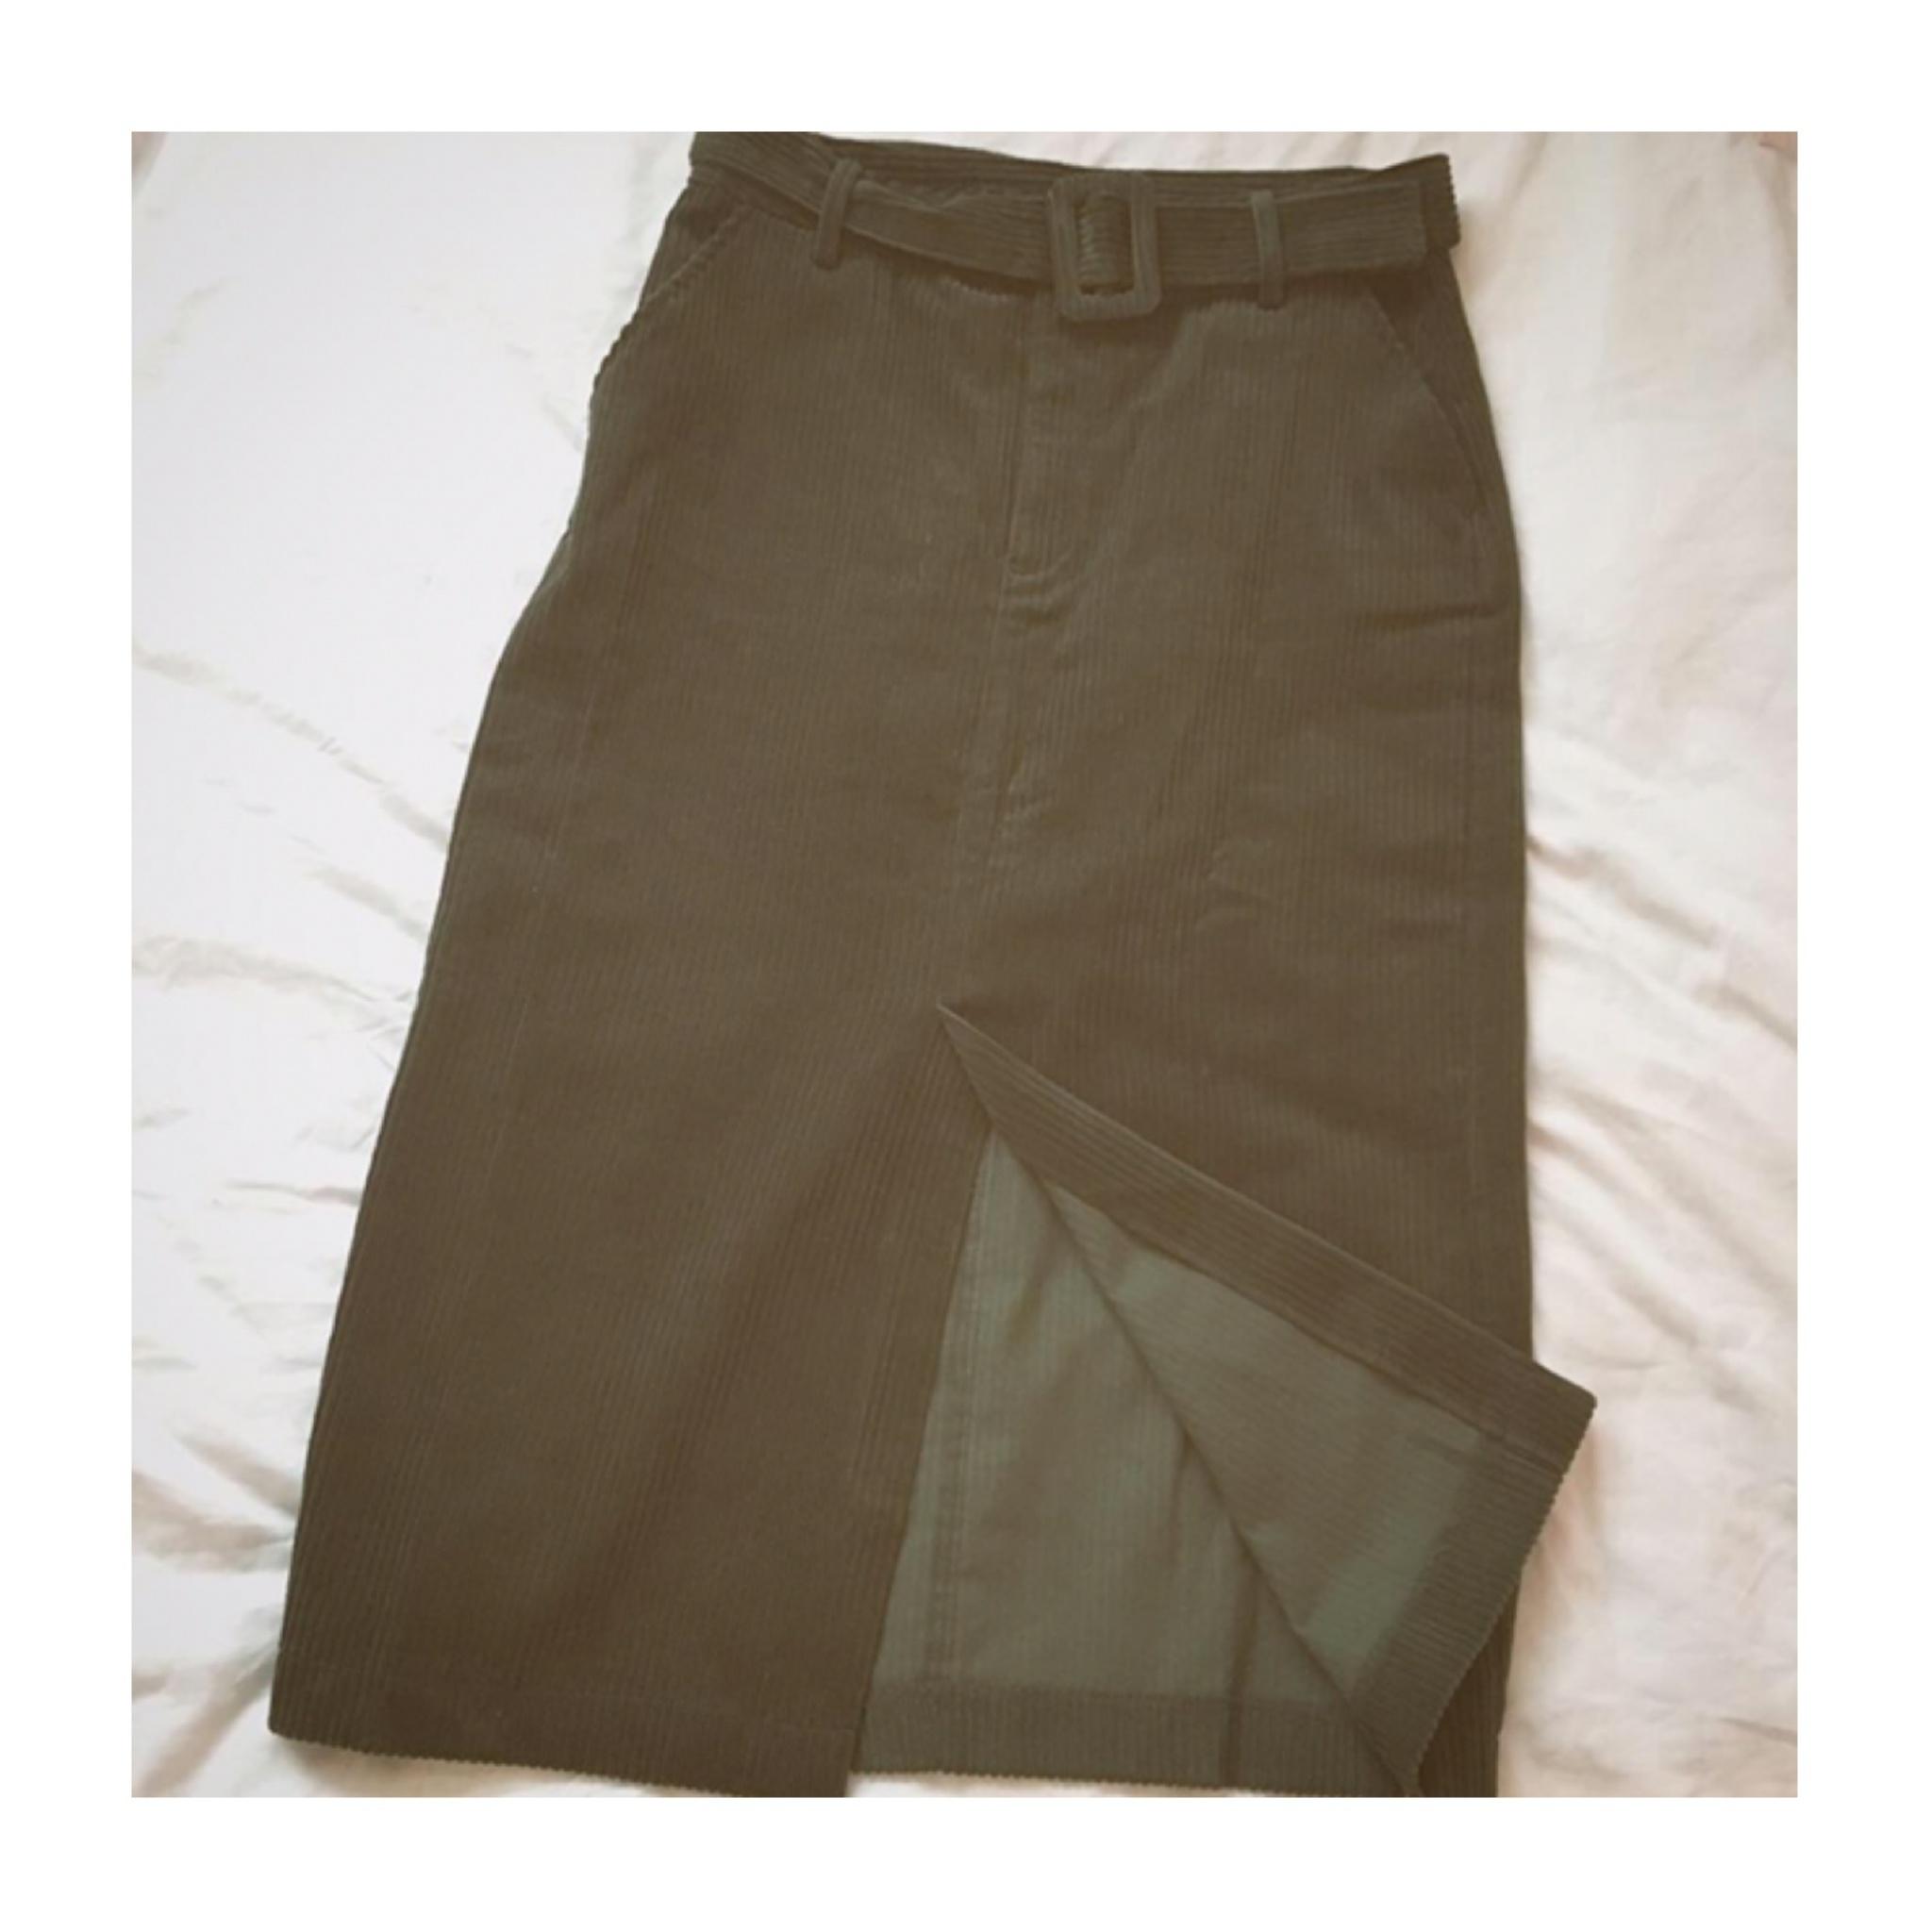 今季1着は欲しい《トレンドのスカートはコレだ☝︎❤️》【ZARA】のコーデュロイタイトスカートが使えます☻_3